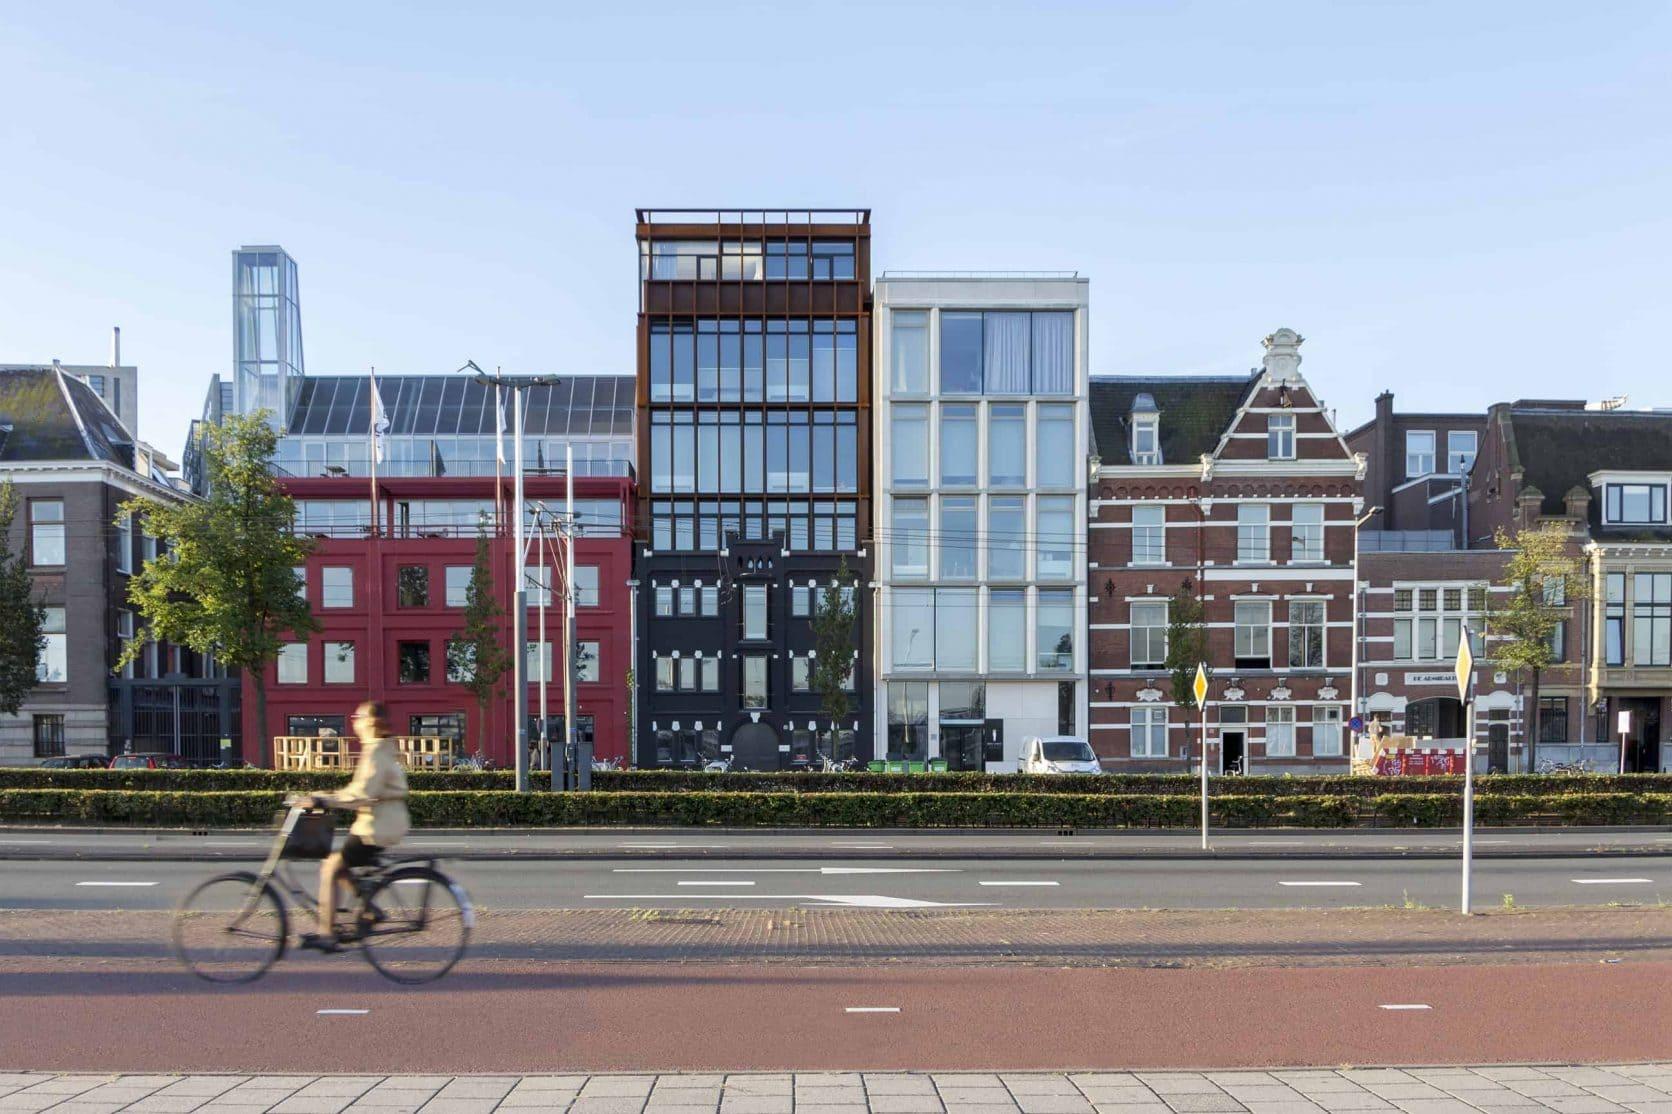 Vooraanzicht van het hotel aan de DeRuyterkade in Amsterdam, welke uitgerust is met MD Flack gevelbekleding